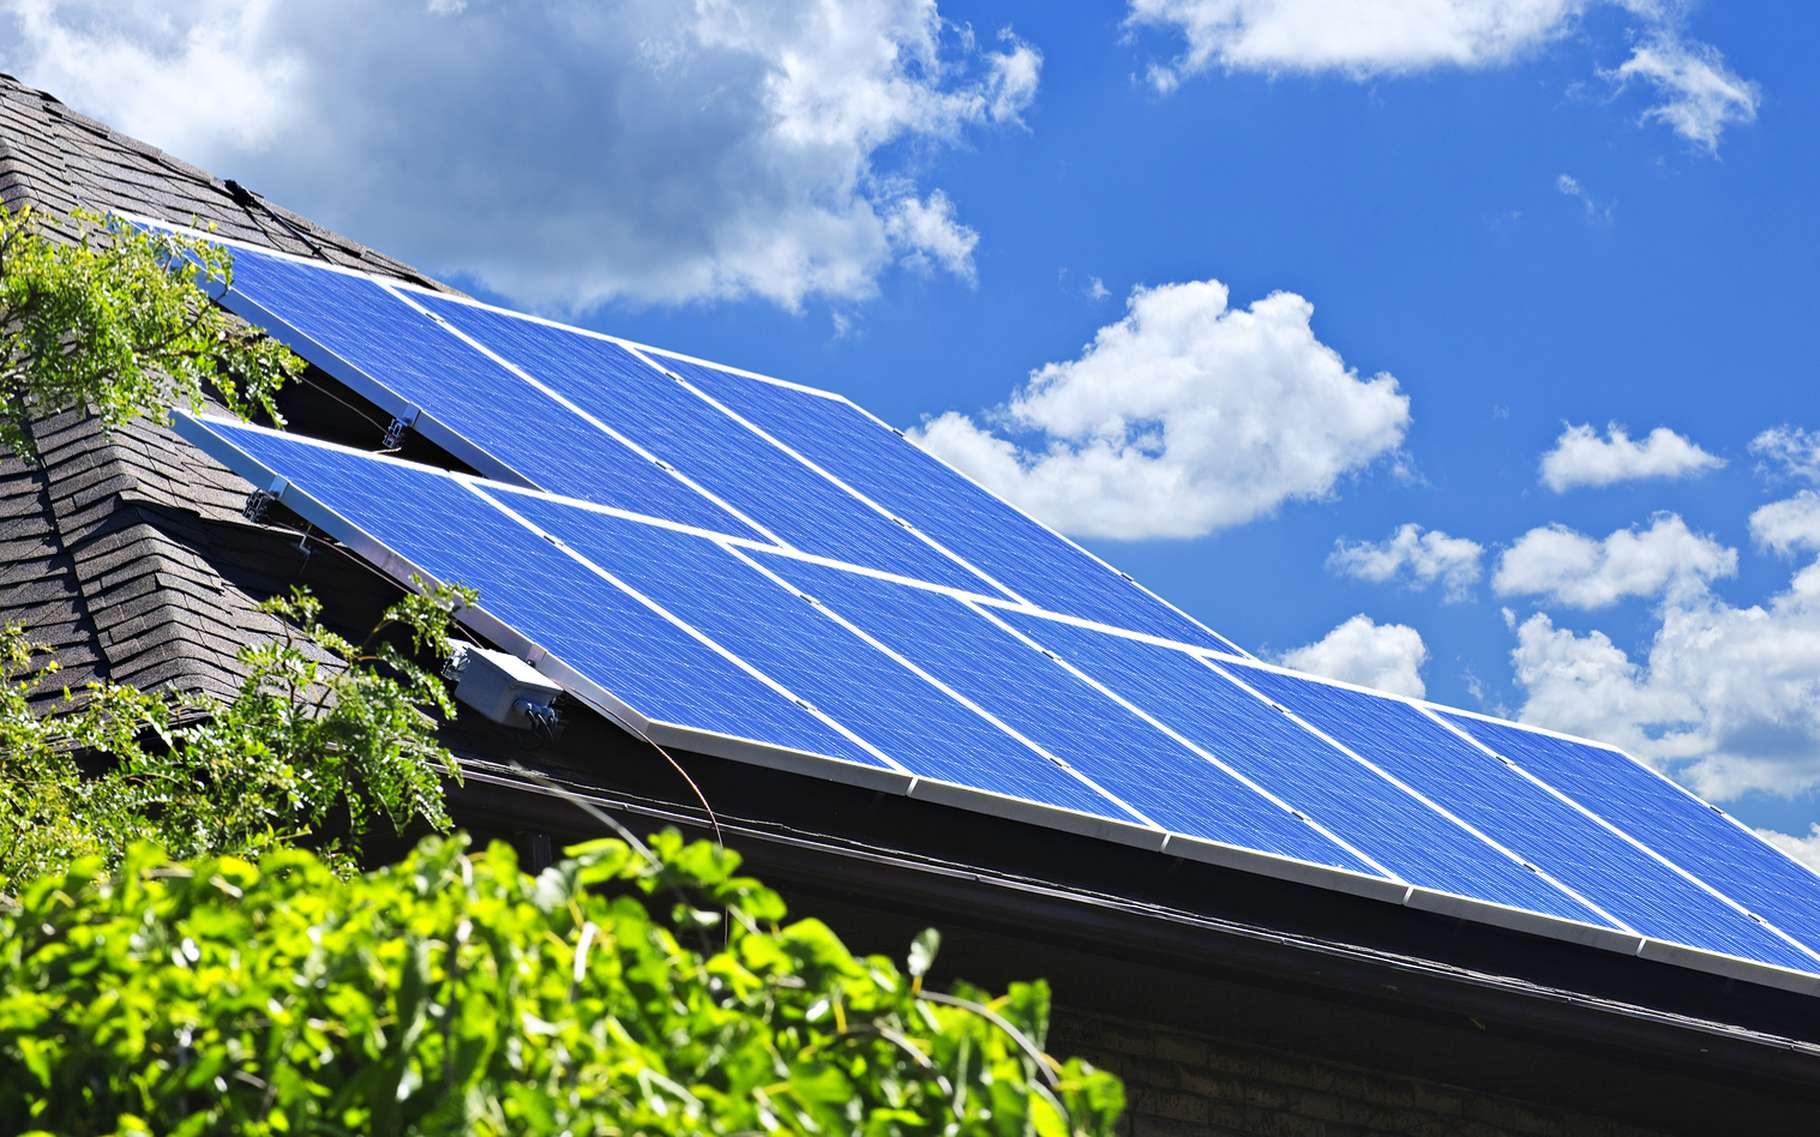 Via Tesla, notamment grâce à sa batterie Powerwall 2, Elon Musk se lance dans l'énergie solaire et les toits photovoltaïques. © Elena Elisseeva, Shutterstock